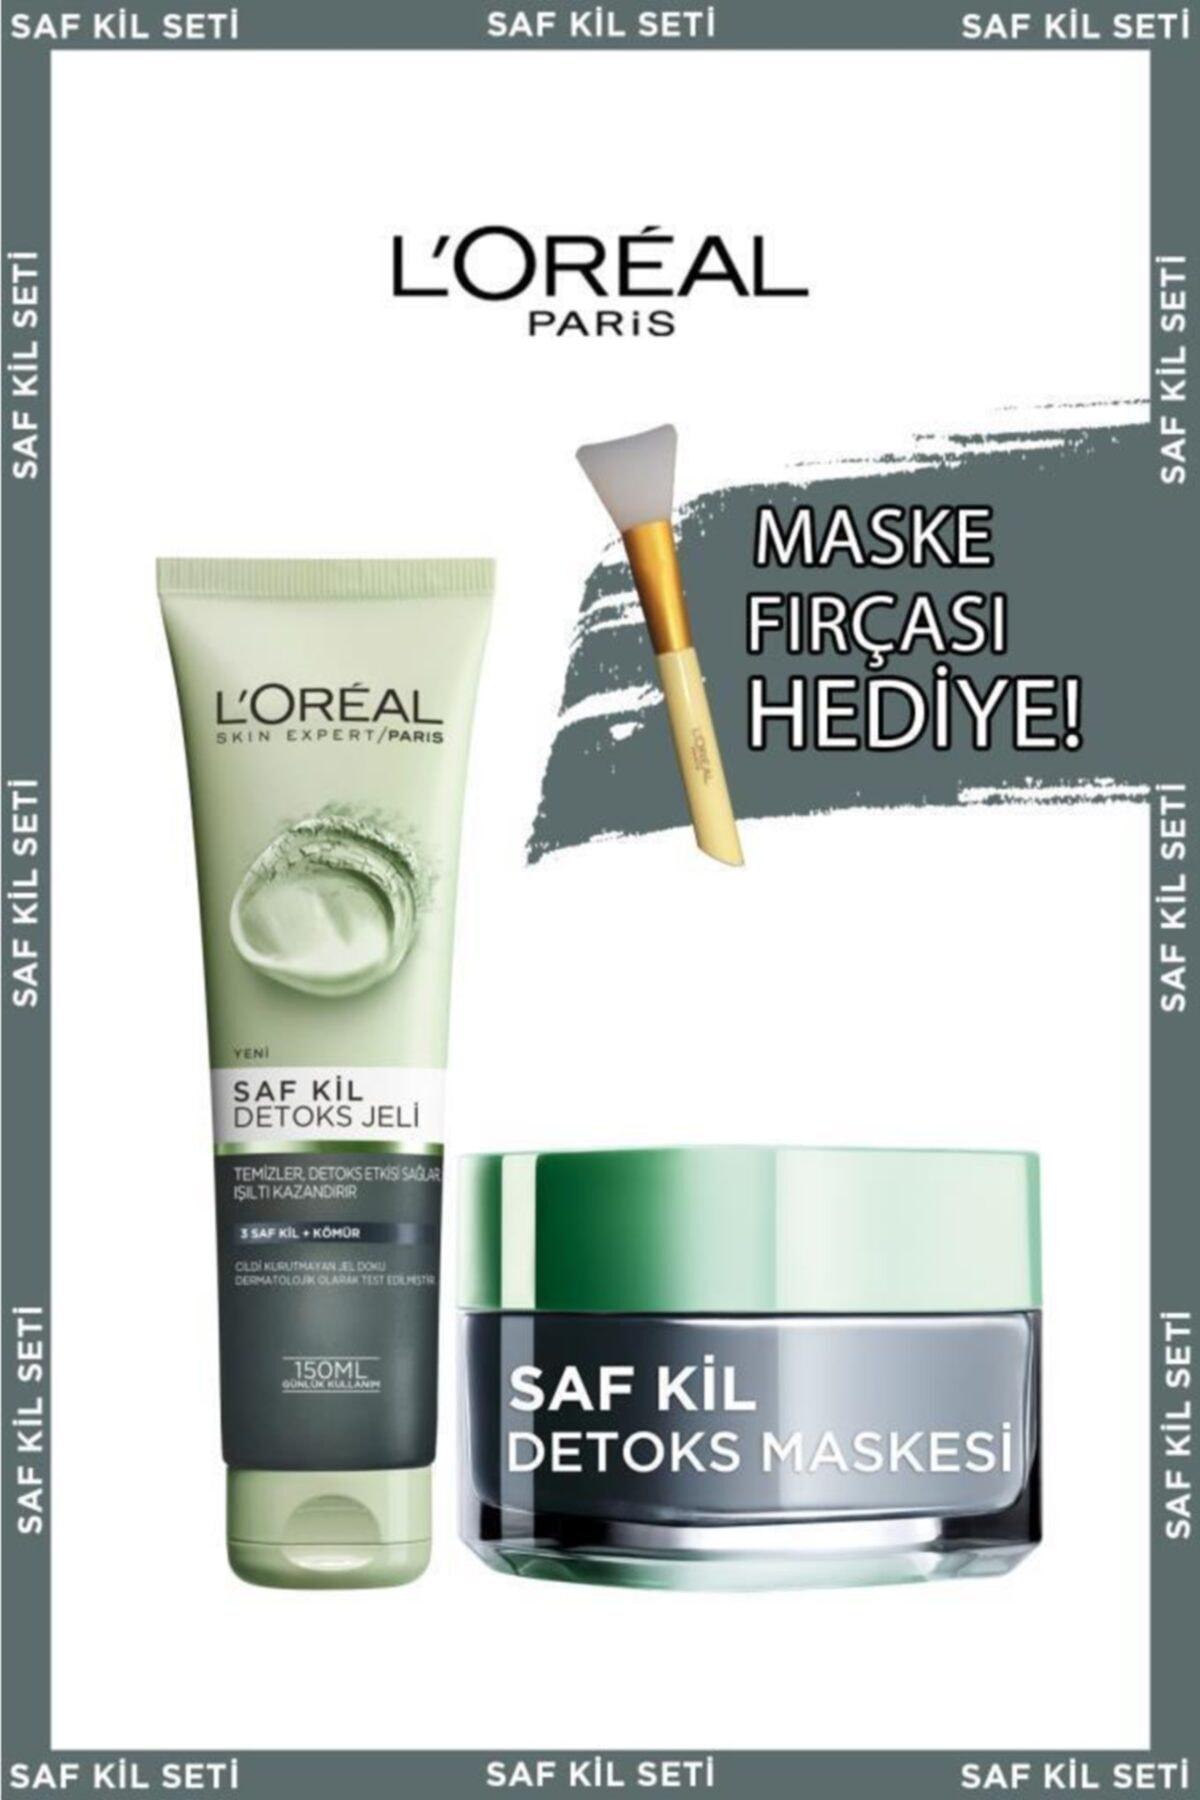 Saf Kil Detoks Jel + Saf Kil Detoks Maskesi + Maske Fırçası